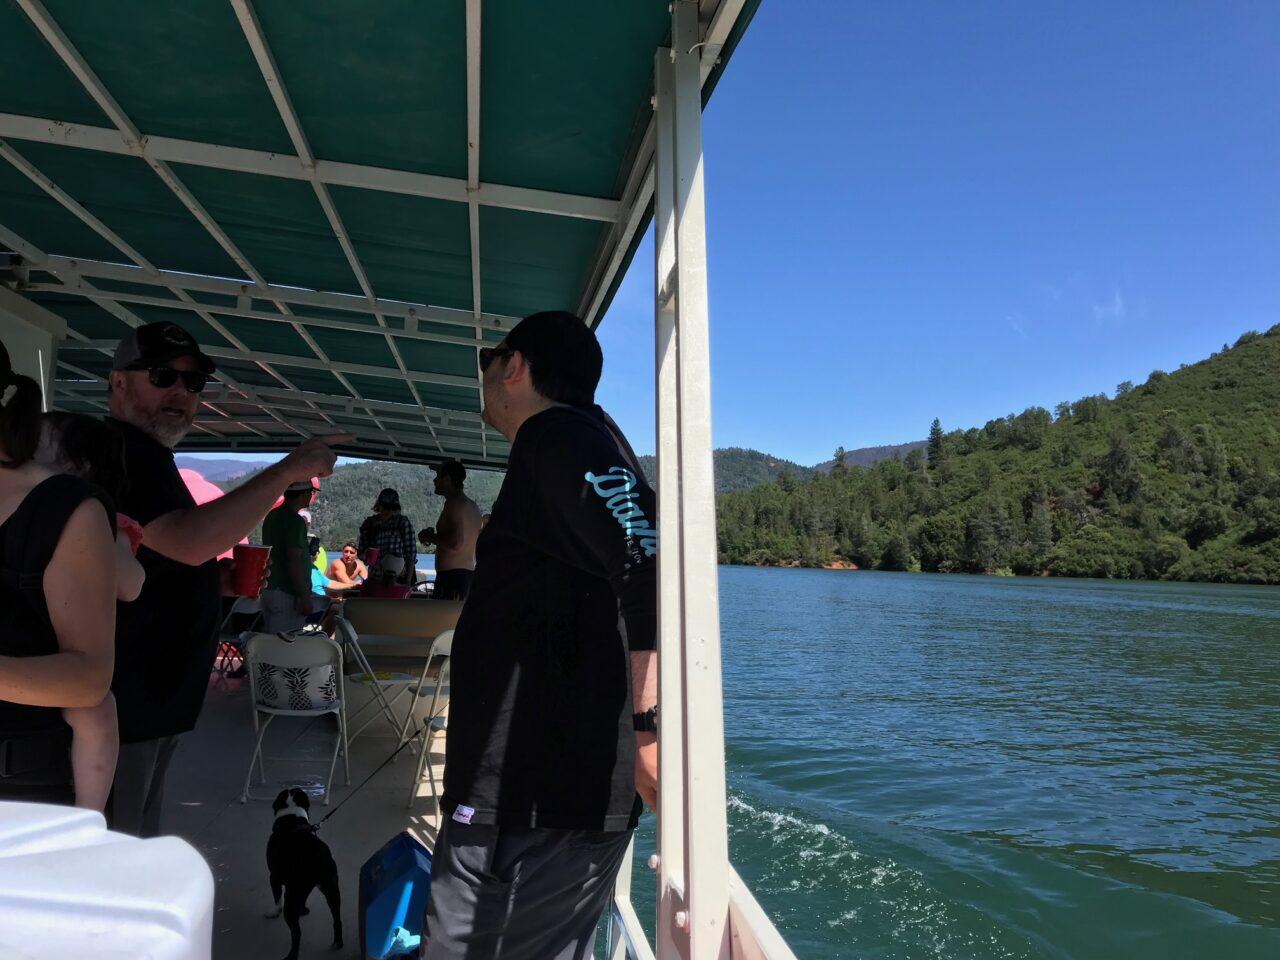 Two men speak on a boat